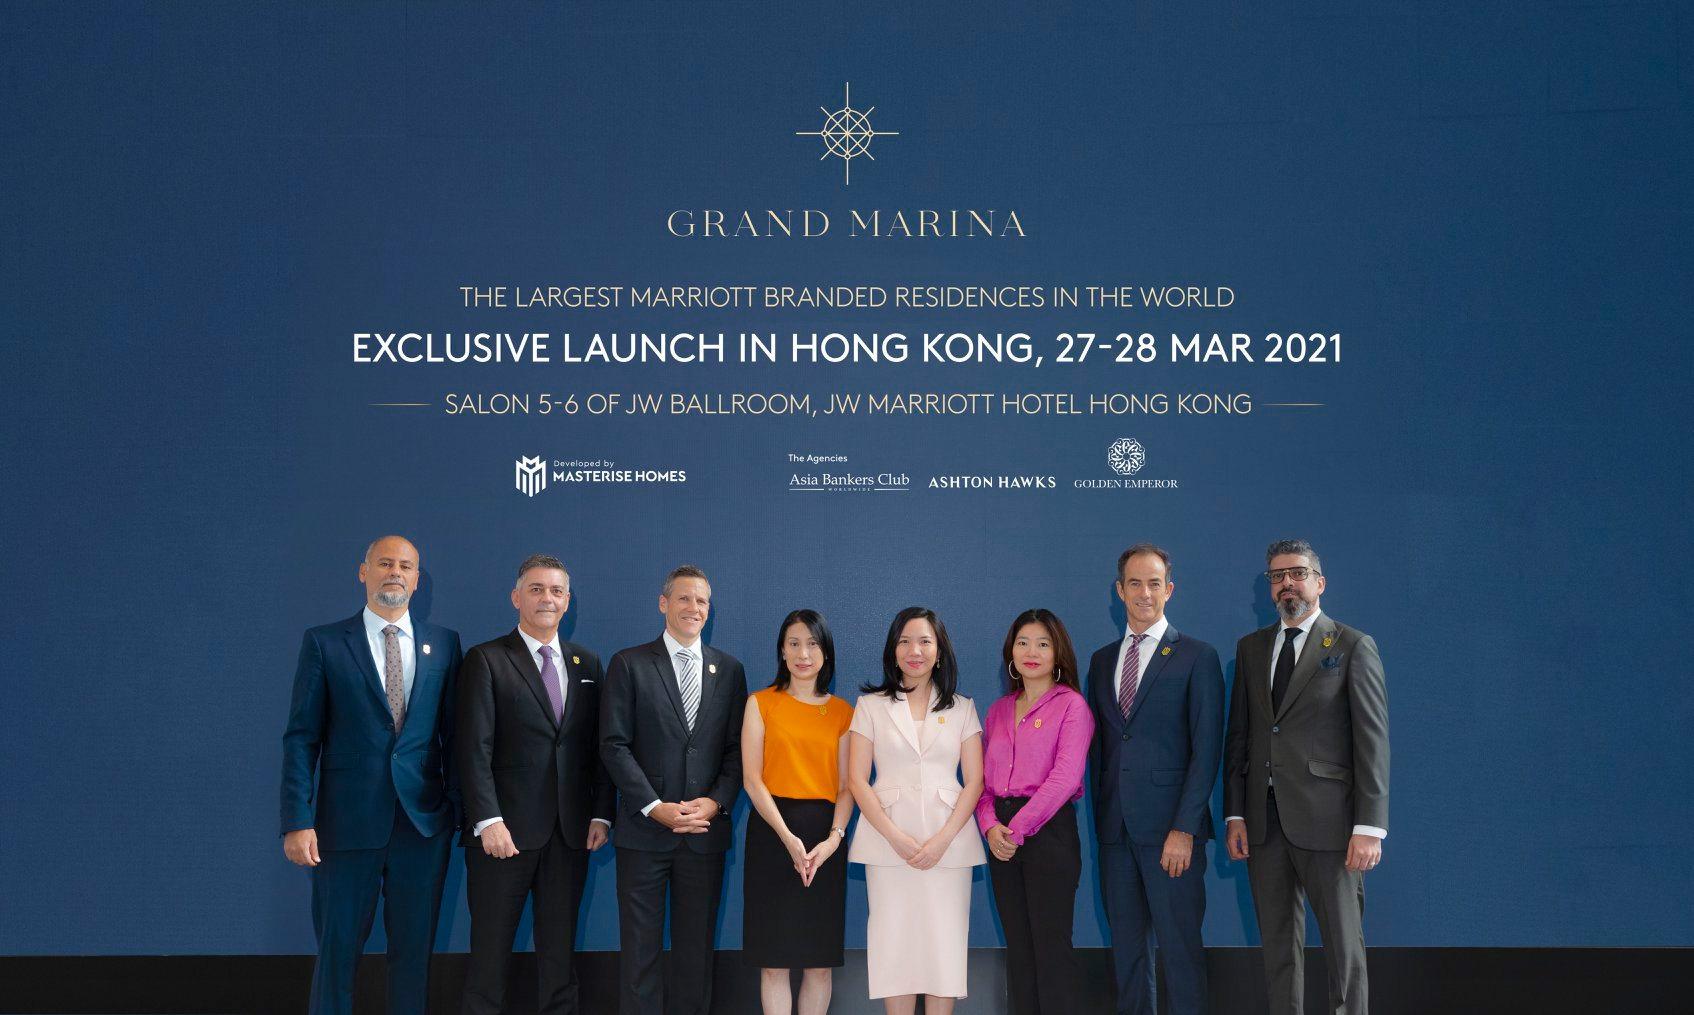 Dự án Grand Marina Saigon - Ba Son của Masterise Homes ra mắt ở Hong Kong - Ảnh 1.